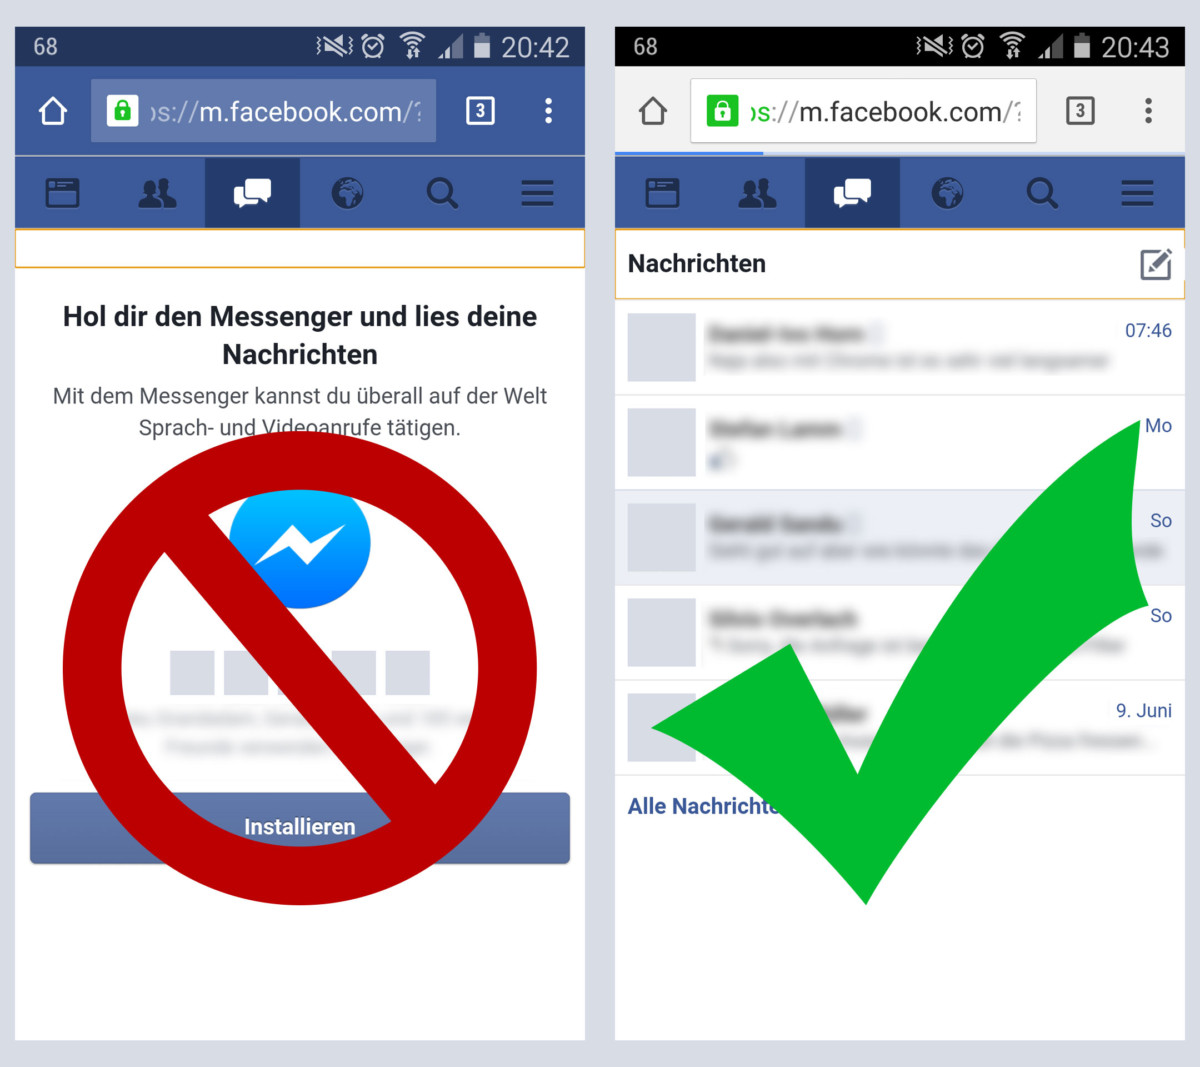 Auf der mobilen Website von Facebook die Nachrichten wieder freischalten. Eigene Screenshots